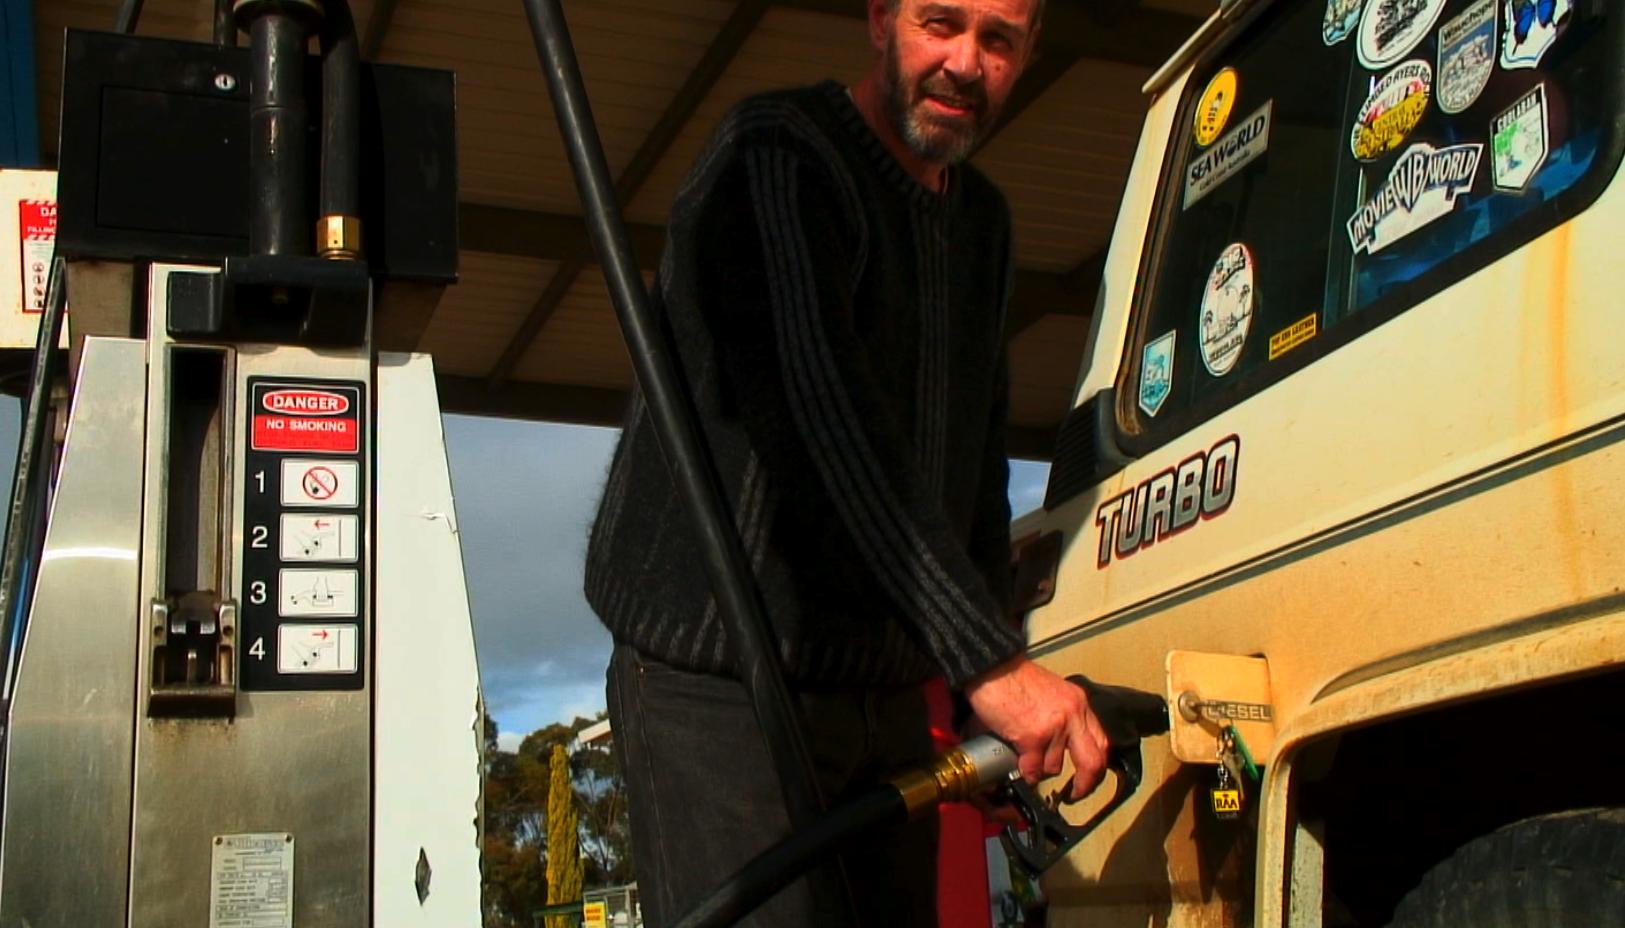 Stephen at the diesel pump